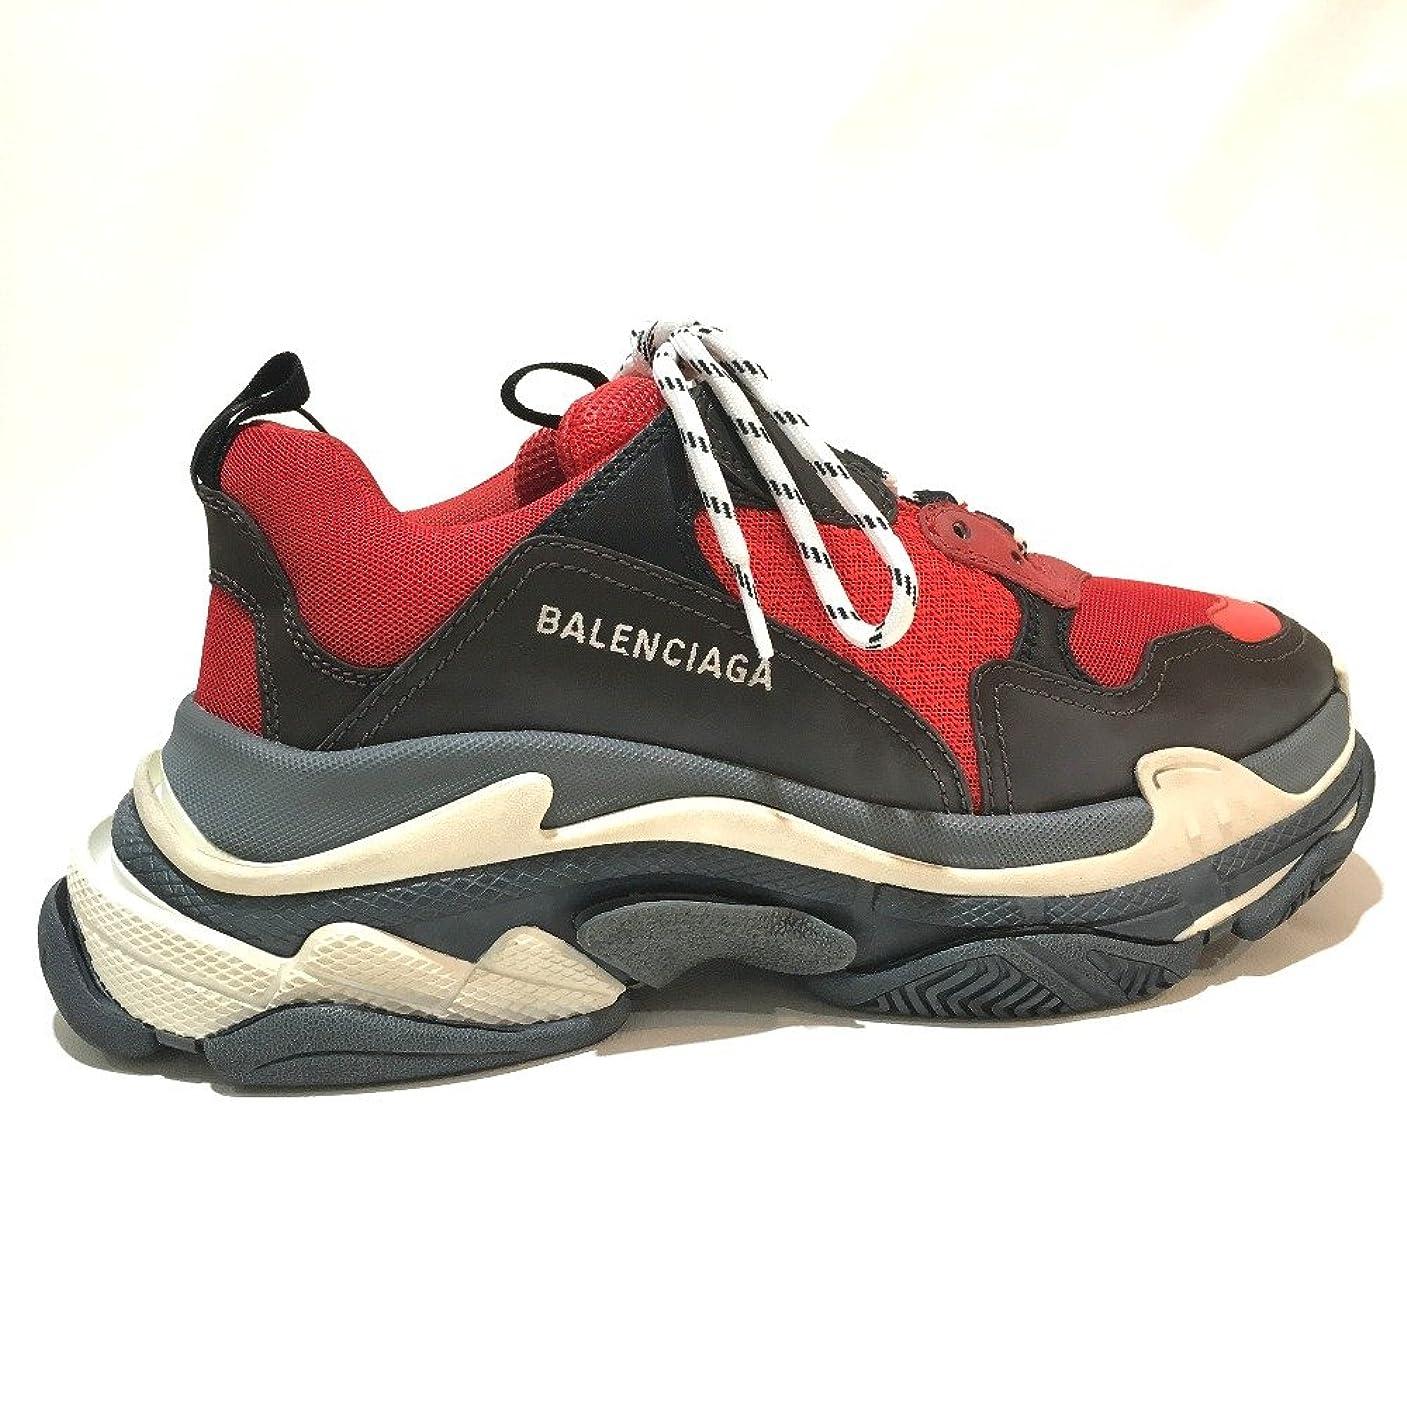 推測フィット発火する(バレンシアガ) BALENCIAGA 516440 Triple S shoes ユースド加工 メンズシューズ 靴 トリプルS トレーナー 2018ss スニーカー メンズ 未使用 中古